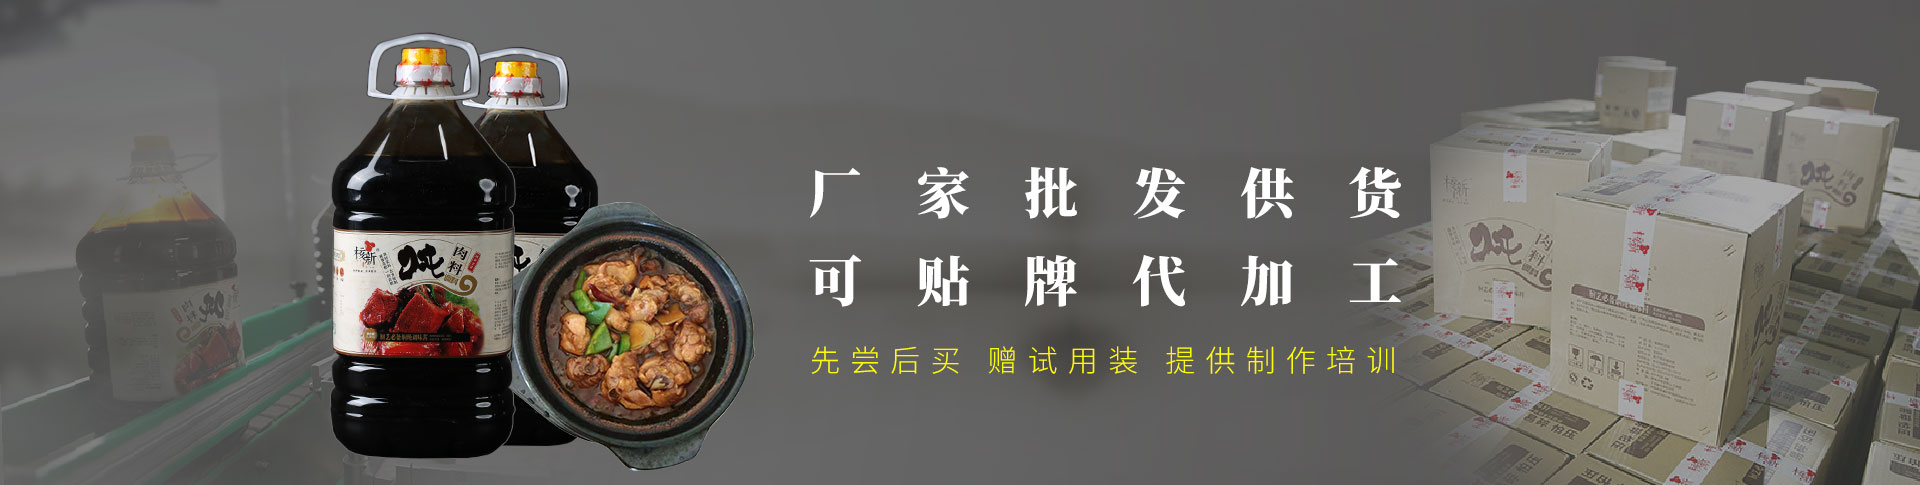 安徽黄焖鸡的酱批发